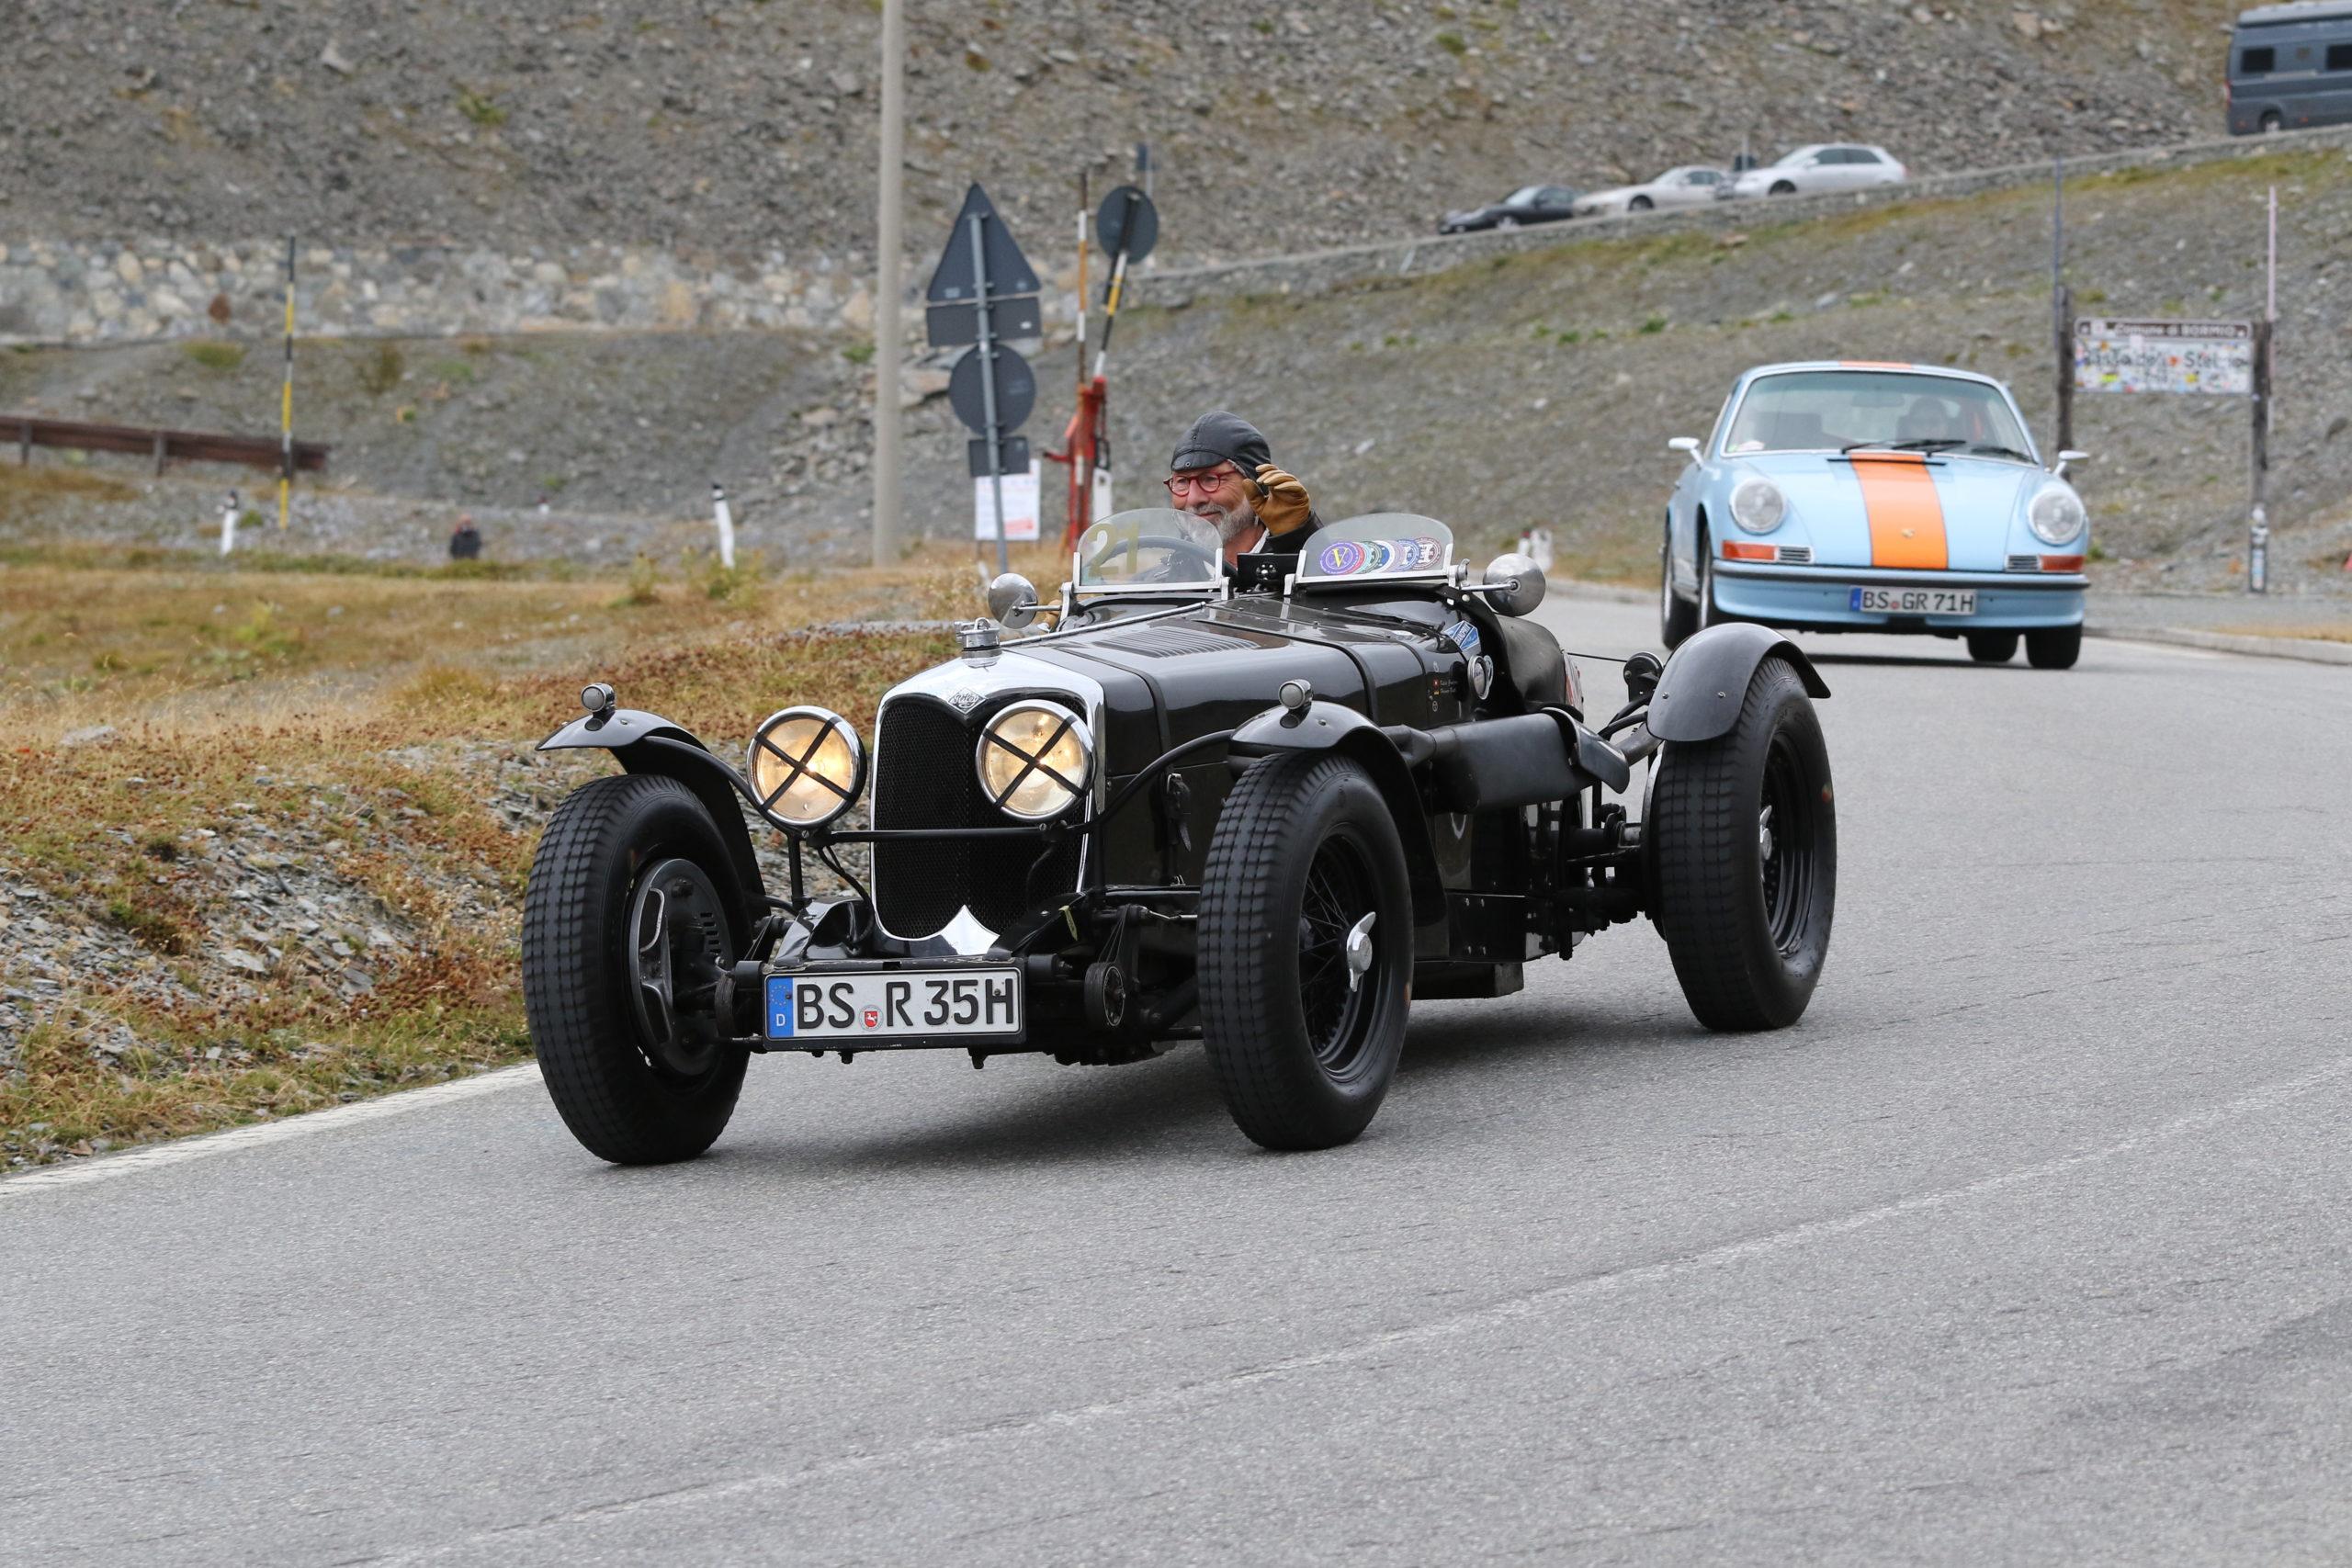 Sechs Tage Kurvenzauber mit dem Oldtimer in Süd-Tirol